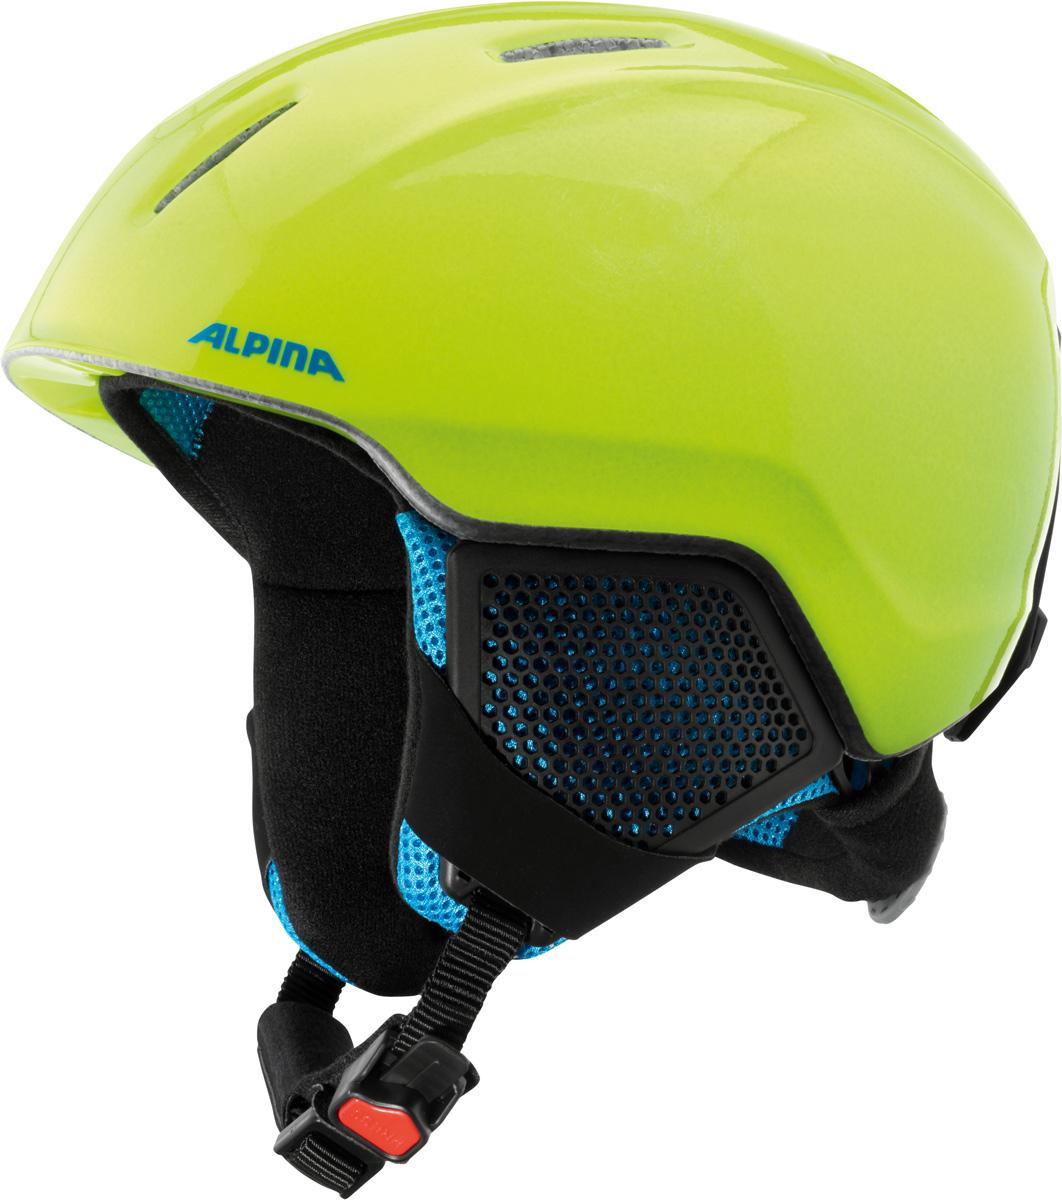 Шлем горнолыжный детский Alpina Carat LX, цвет: желтый. A9081_40. Размер 48-52 бензопила alpina серия black a 4500 18